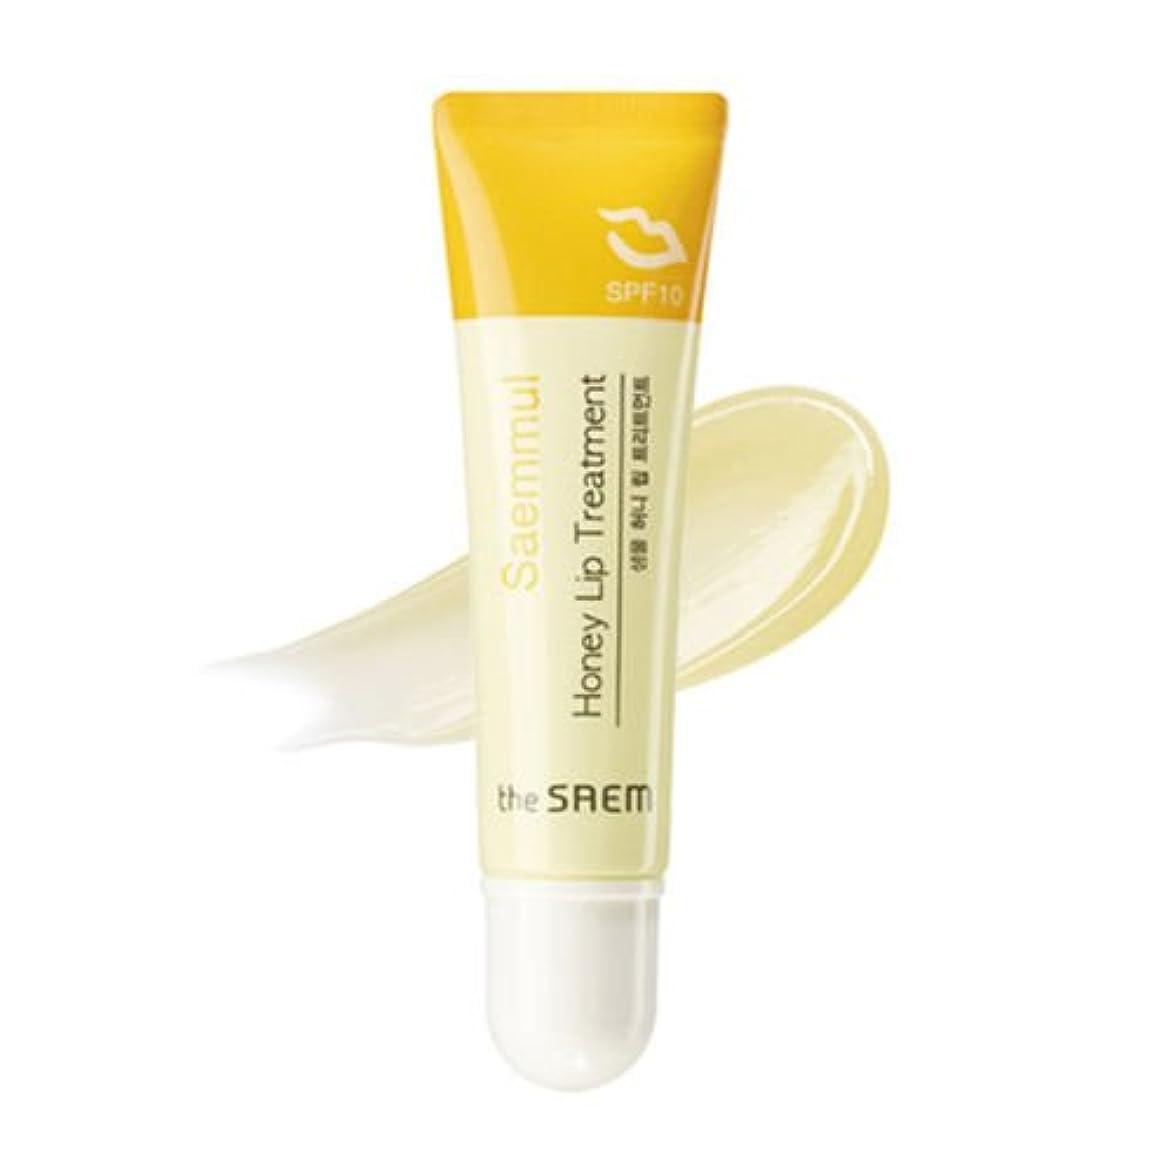 好き他にありがたいthe SAEM ザセム セムムル ハニー リップ トリートメント Saemmul Honey Lip Treatment 10ml 韓国コスメ